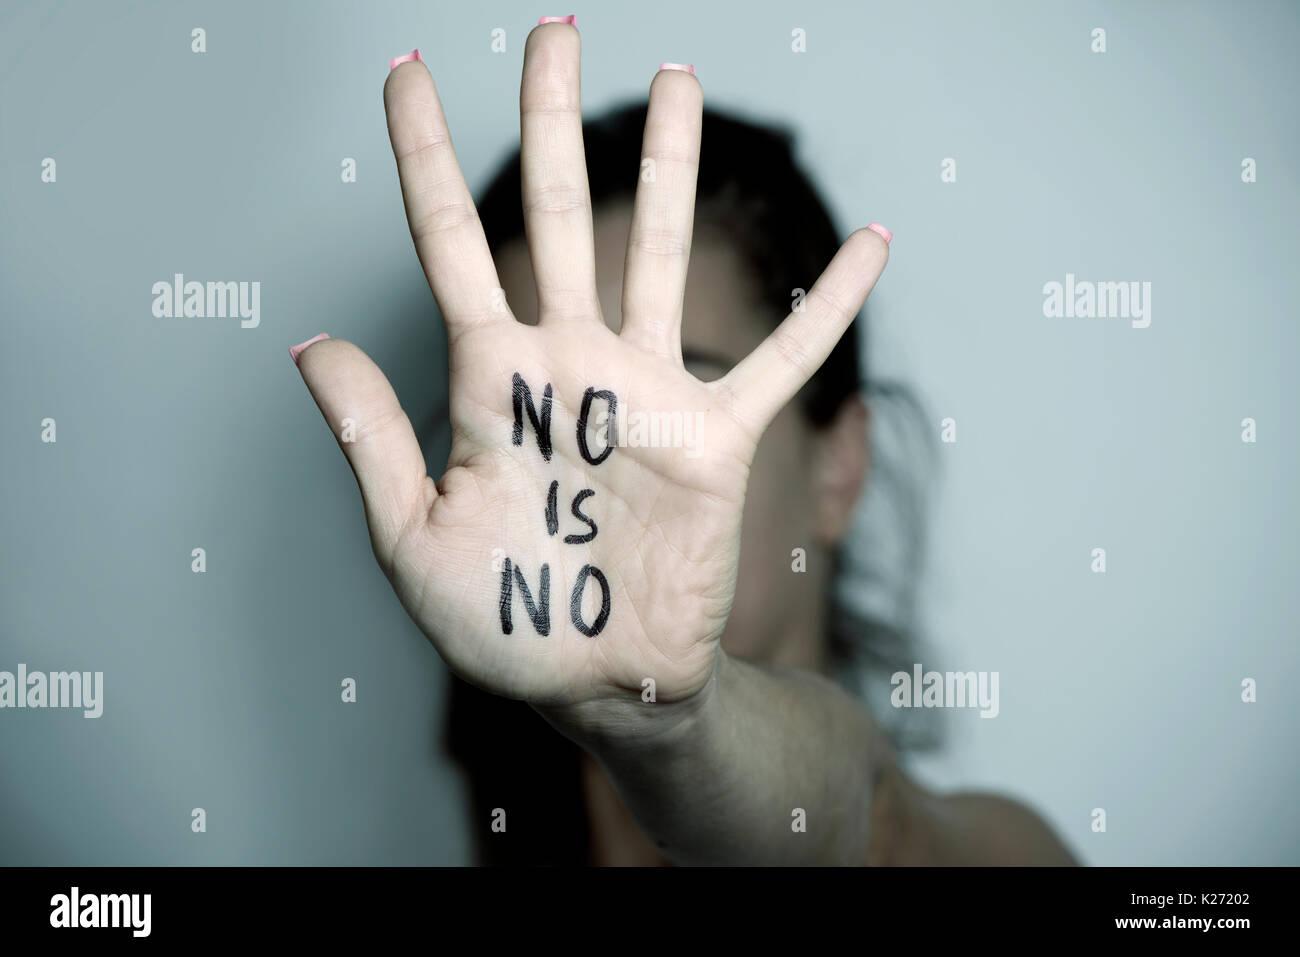 Nahaufnahme der Hand eines jungen kaukasischen Frau vor ihr Gesicht mit dem Text keine ist nicht in Ihrem Palm geschrieben Stockbild